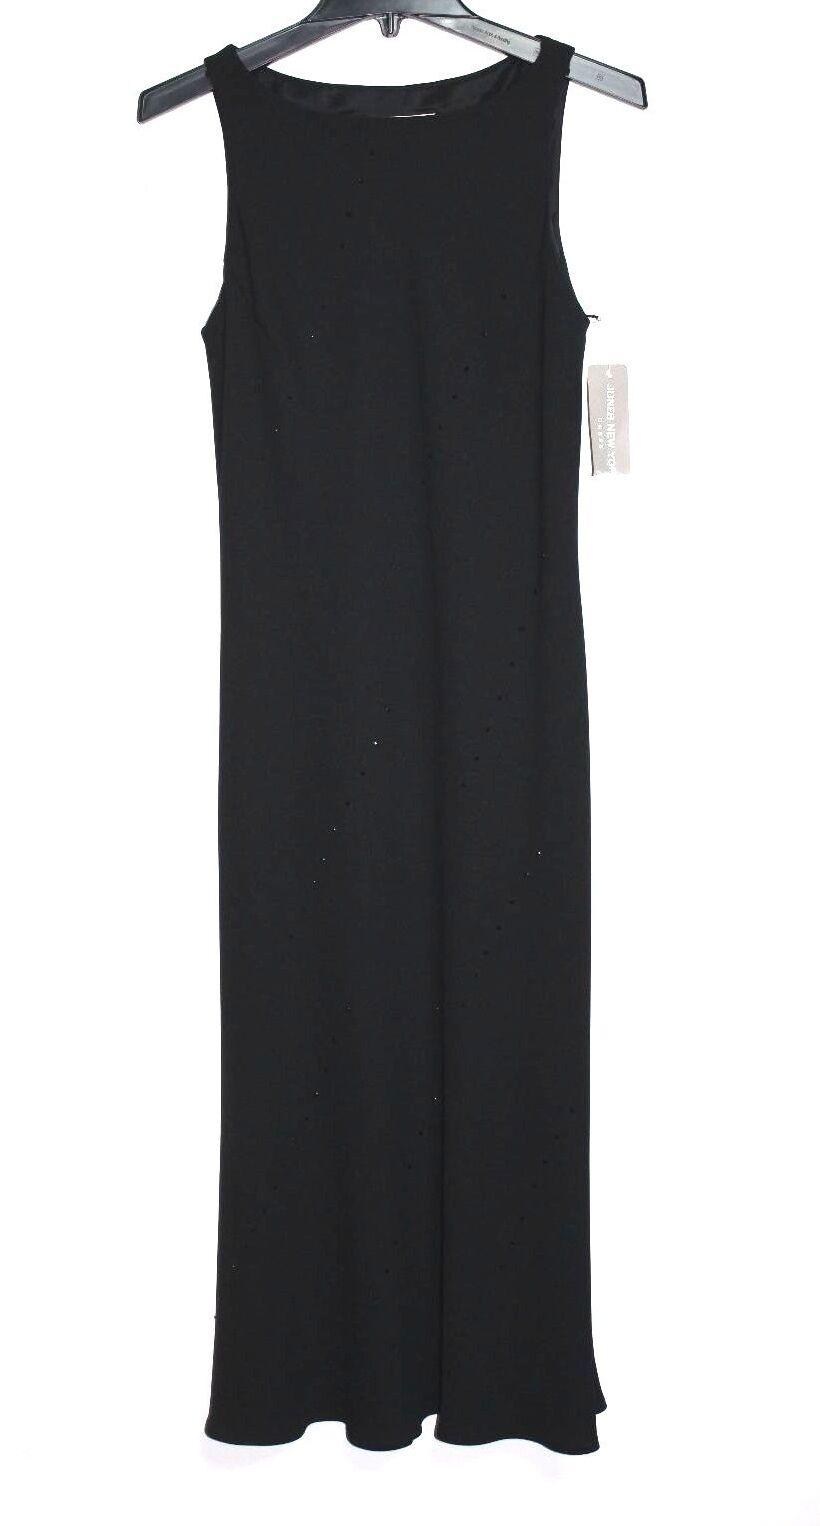 Jones New York - 8 (M) - Nwt Nwt Nwt - Festes Schwarz Sequence Verziert Festliches Kleid 91d3c5